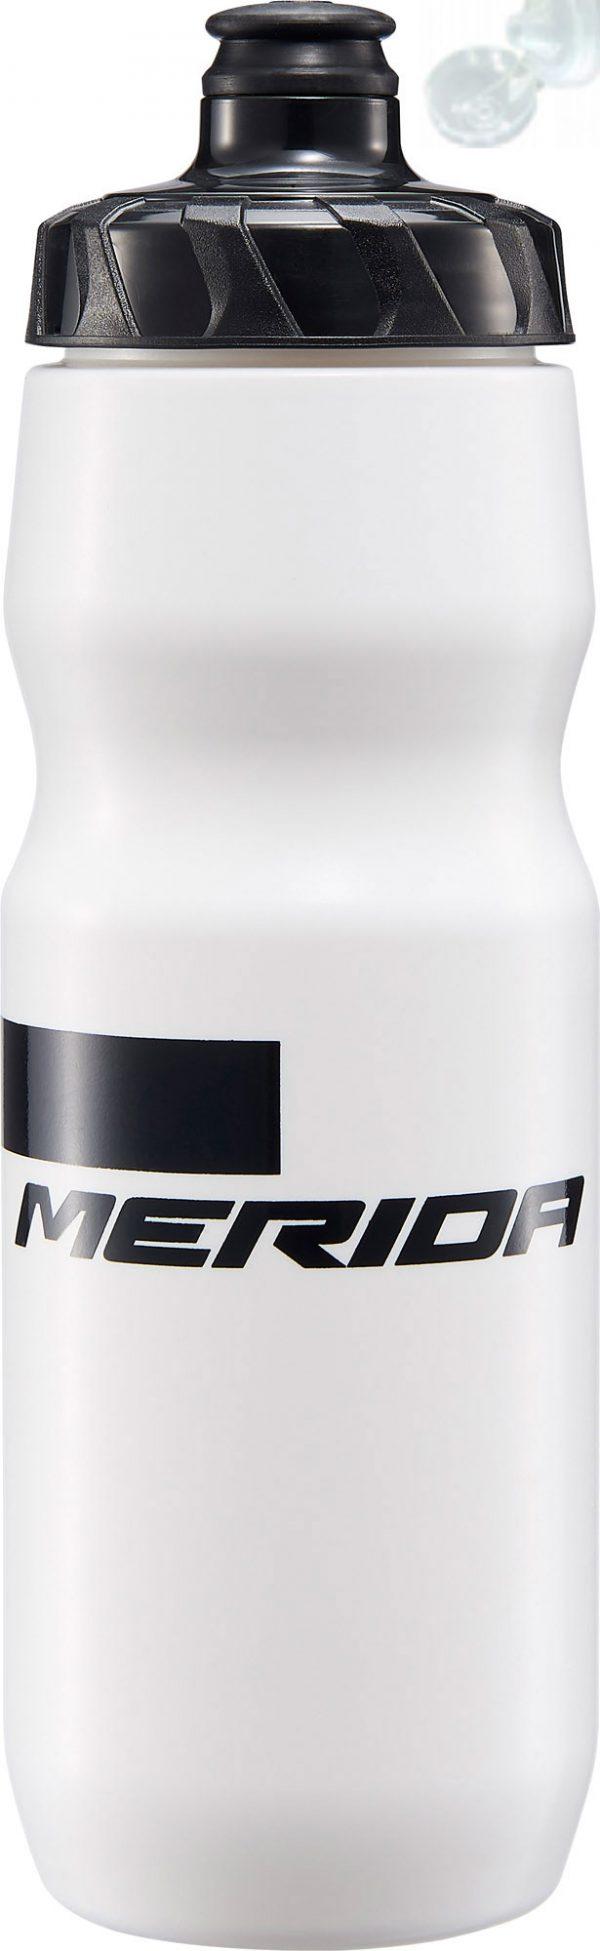 Фляга Merida Bottle/Stripe White, Black 800 мл с крышкой